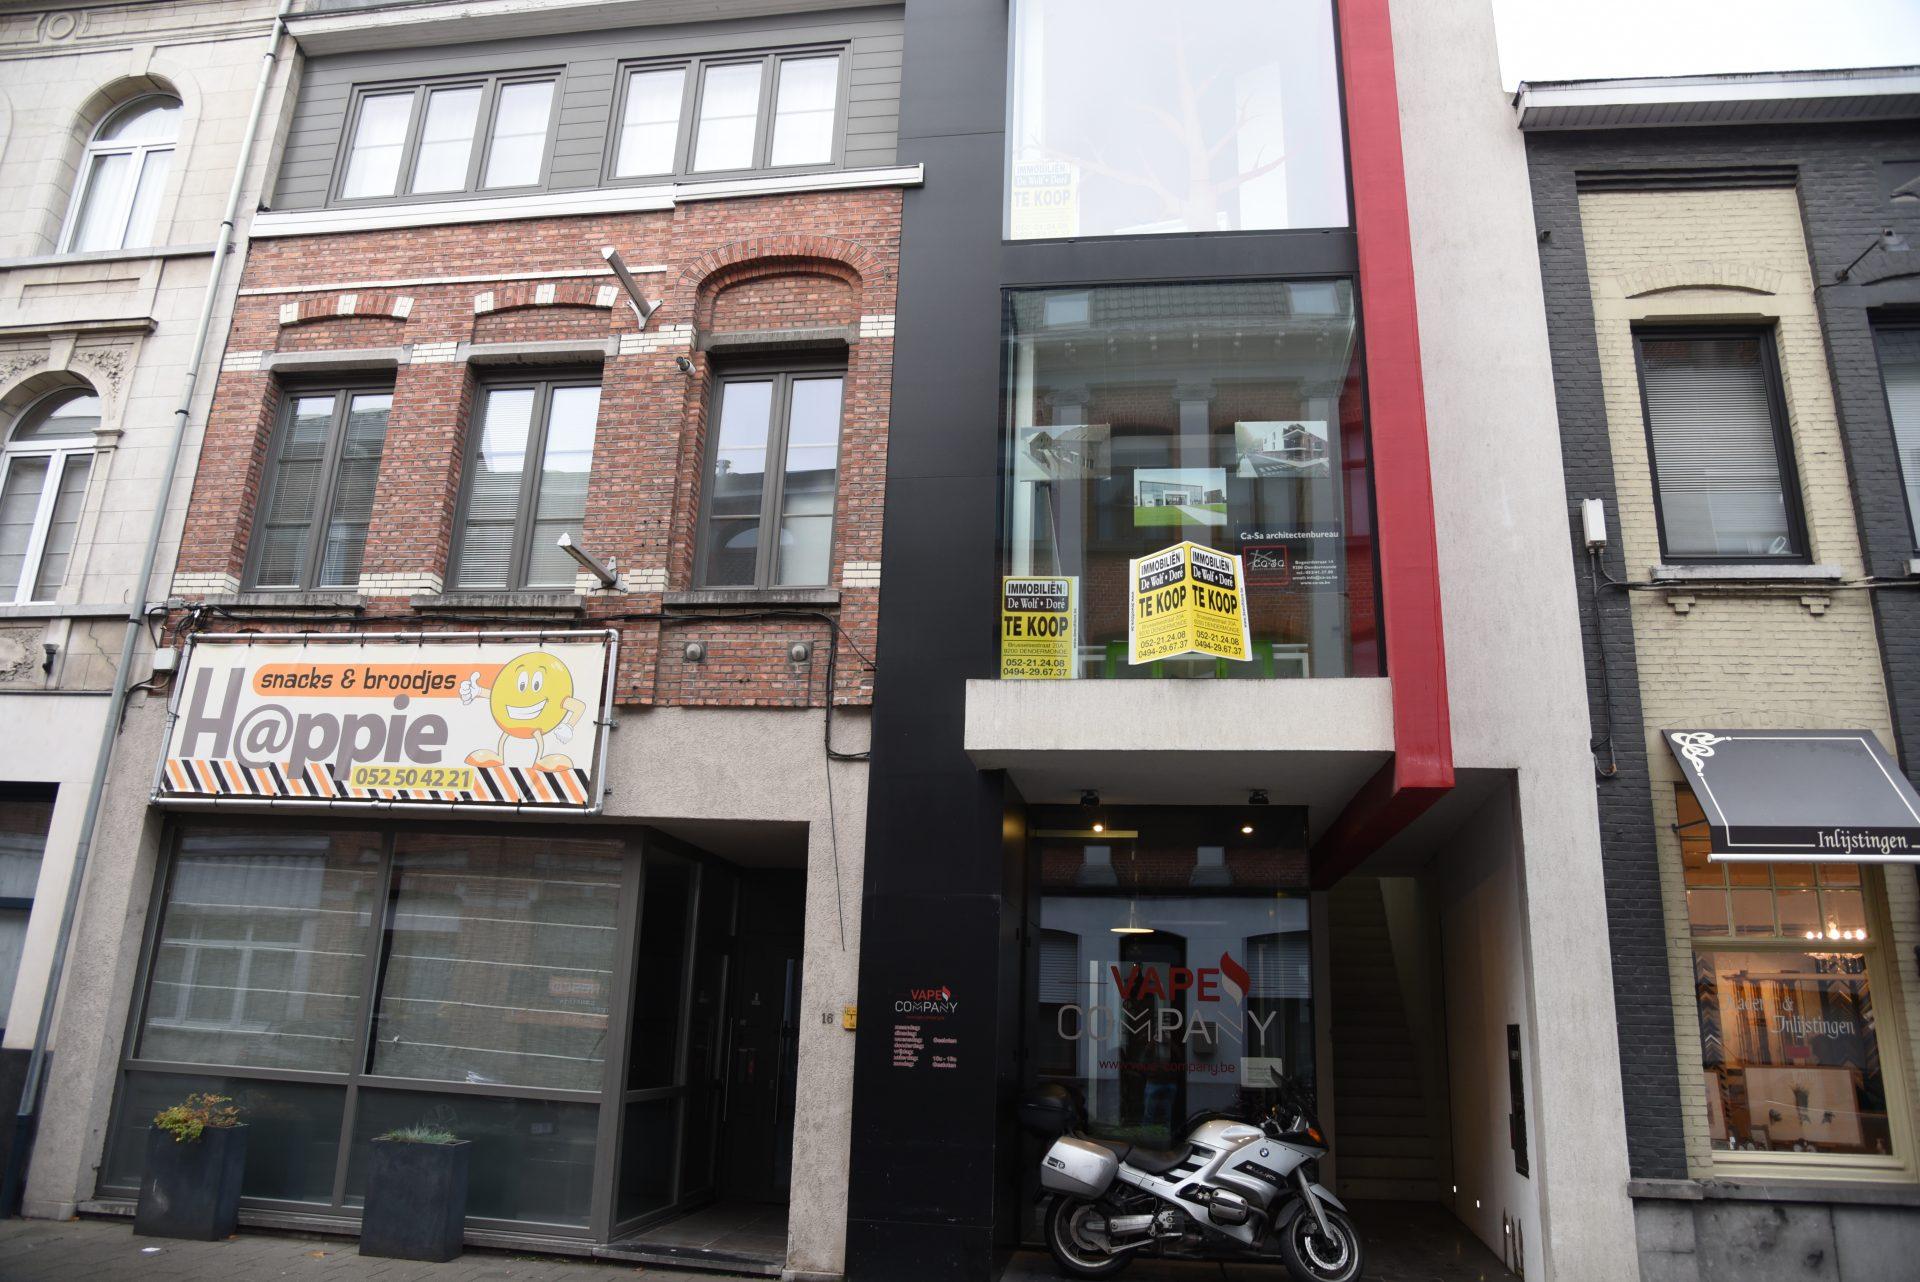 700 leegstaande winkels meer in 5 jaar tijd in Oost-Vlaanderen